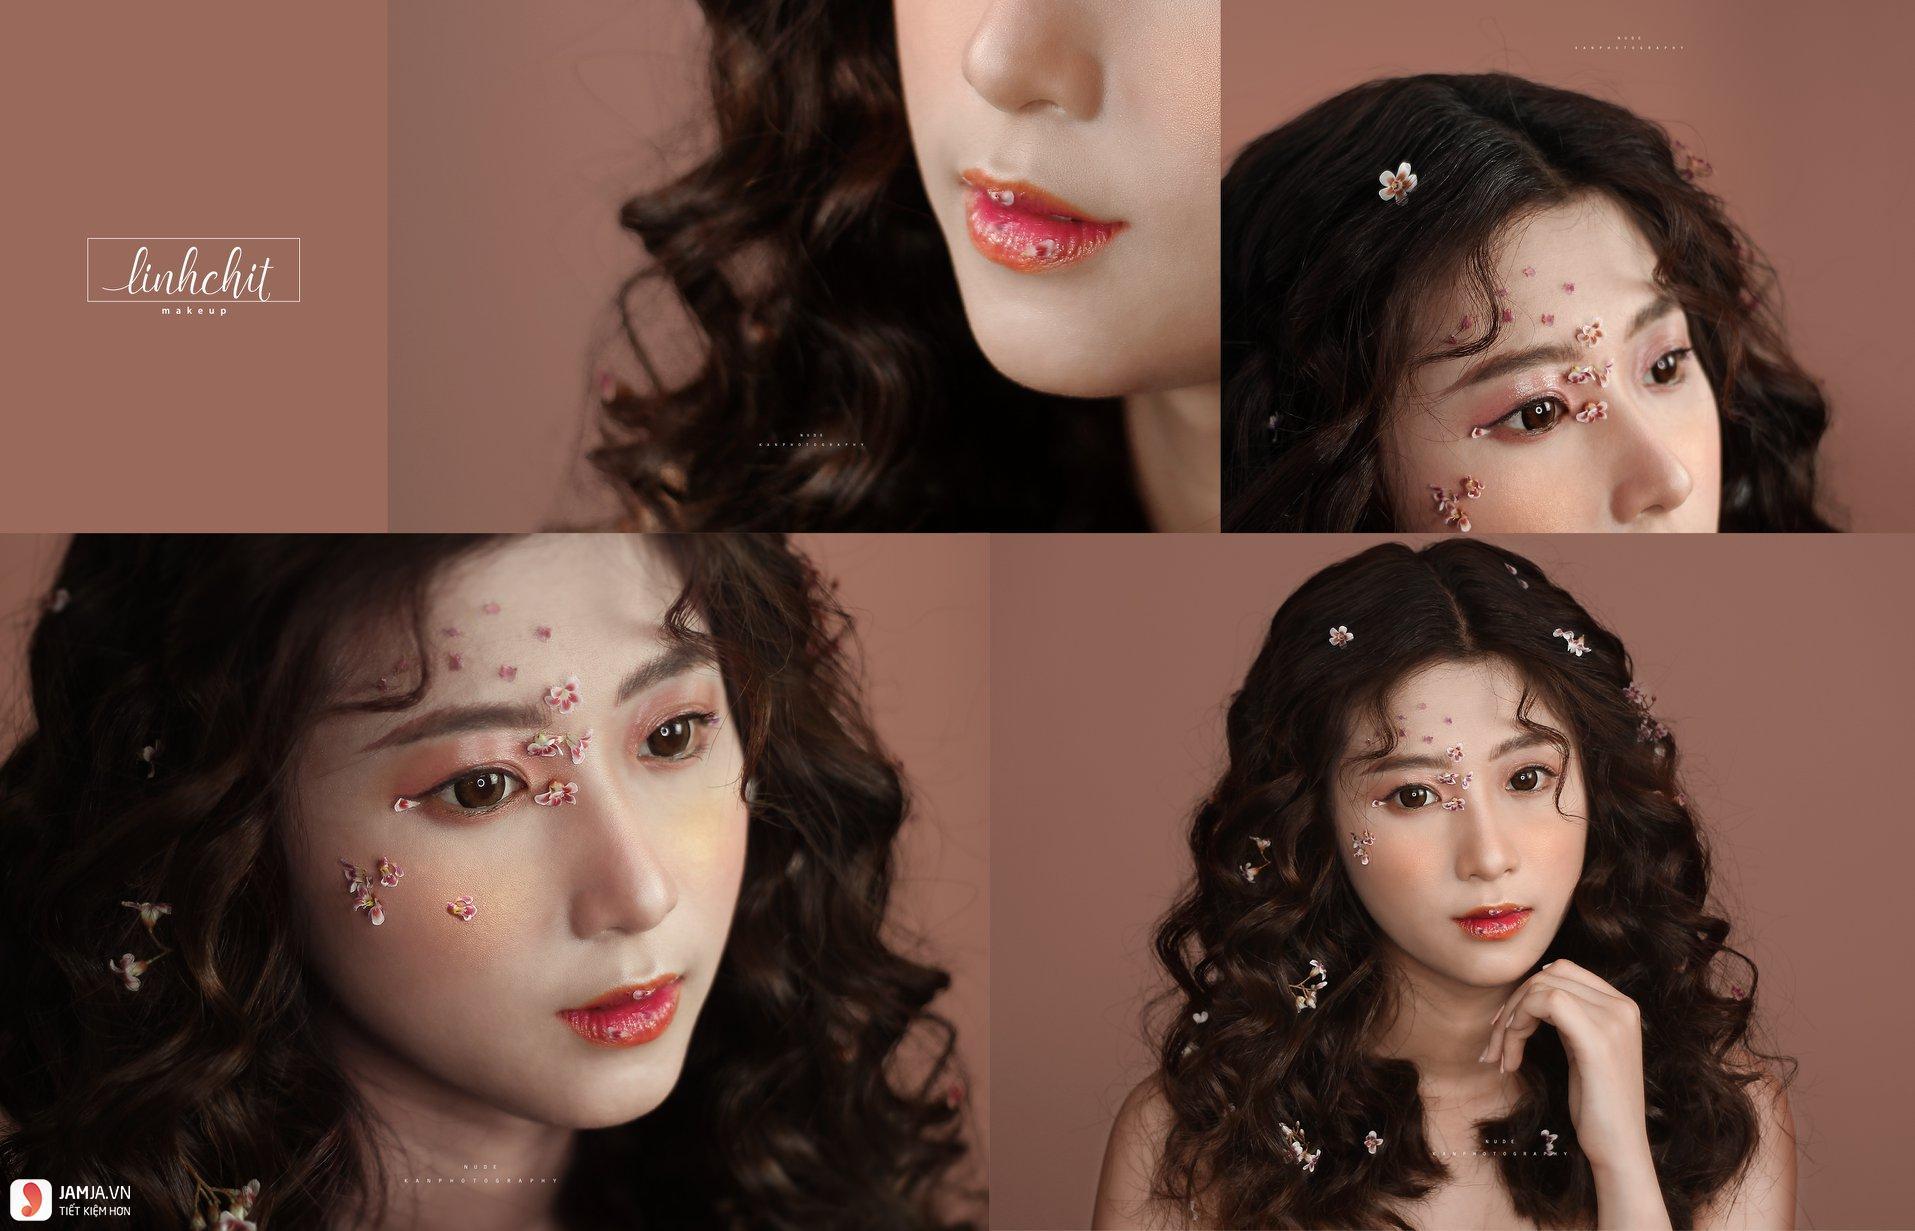 Linh Chít Makeup Store